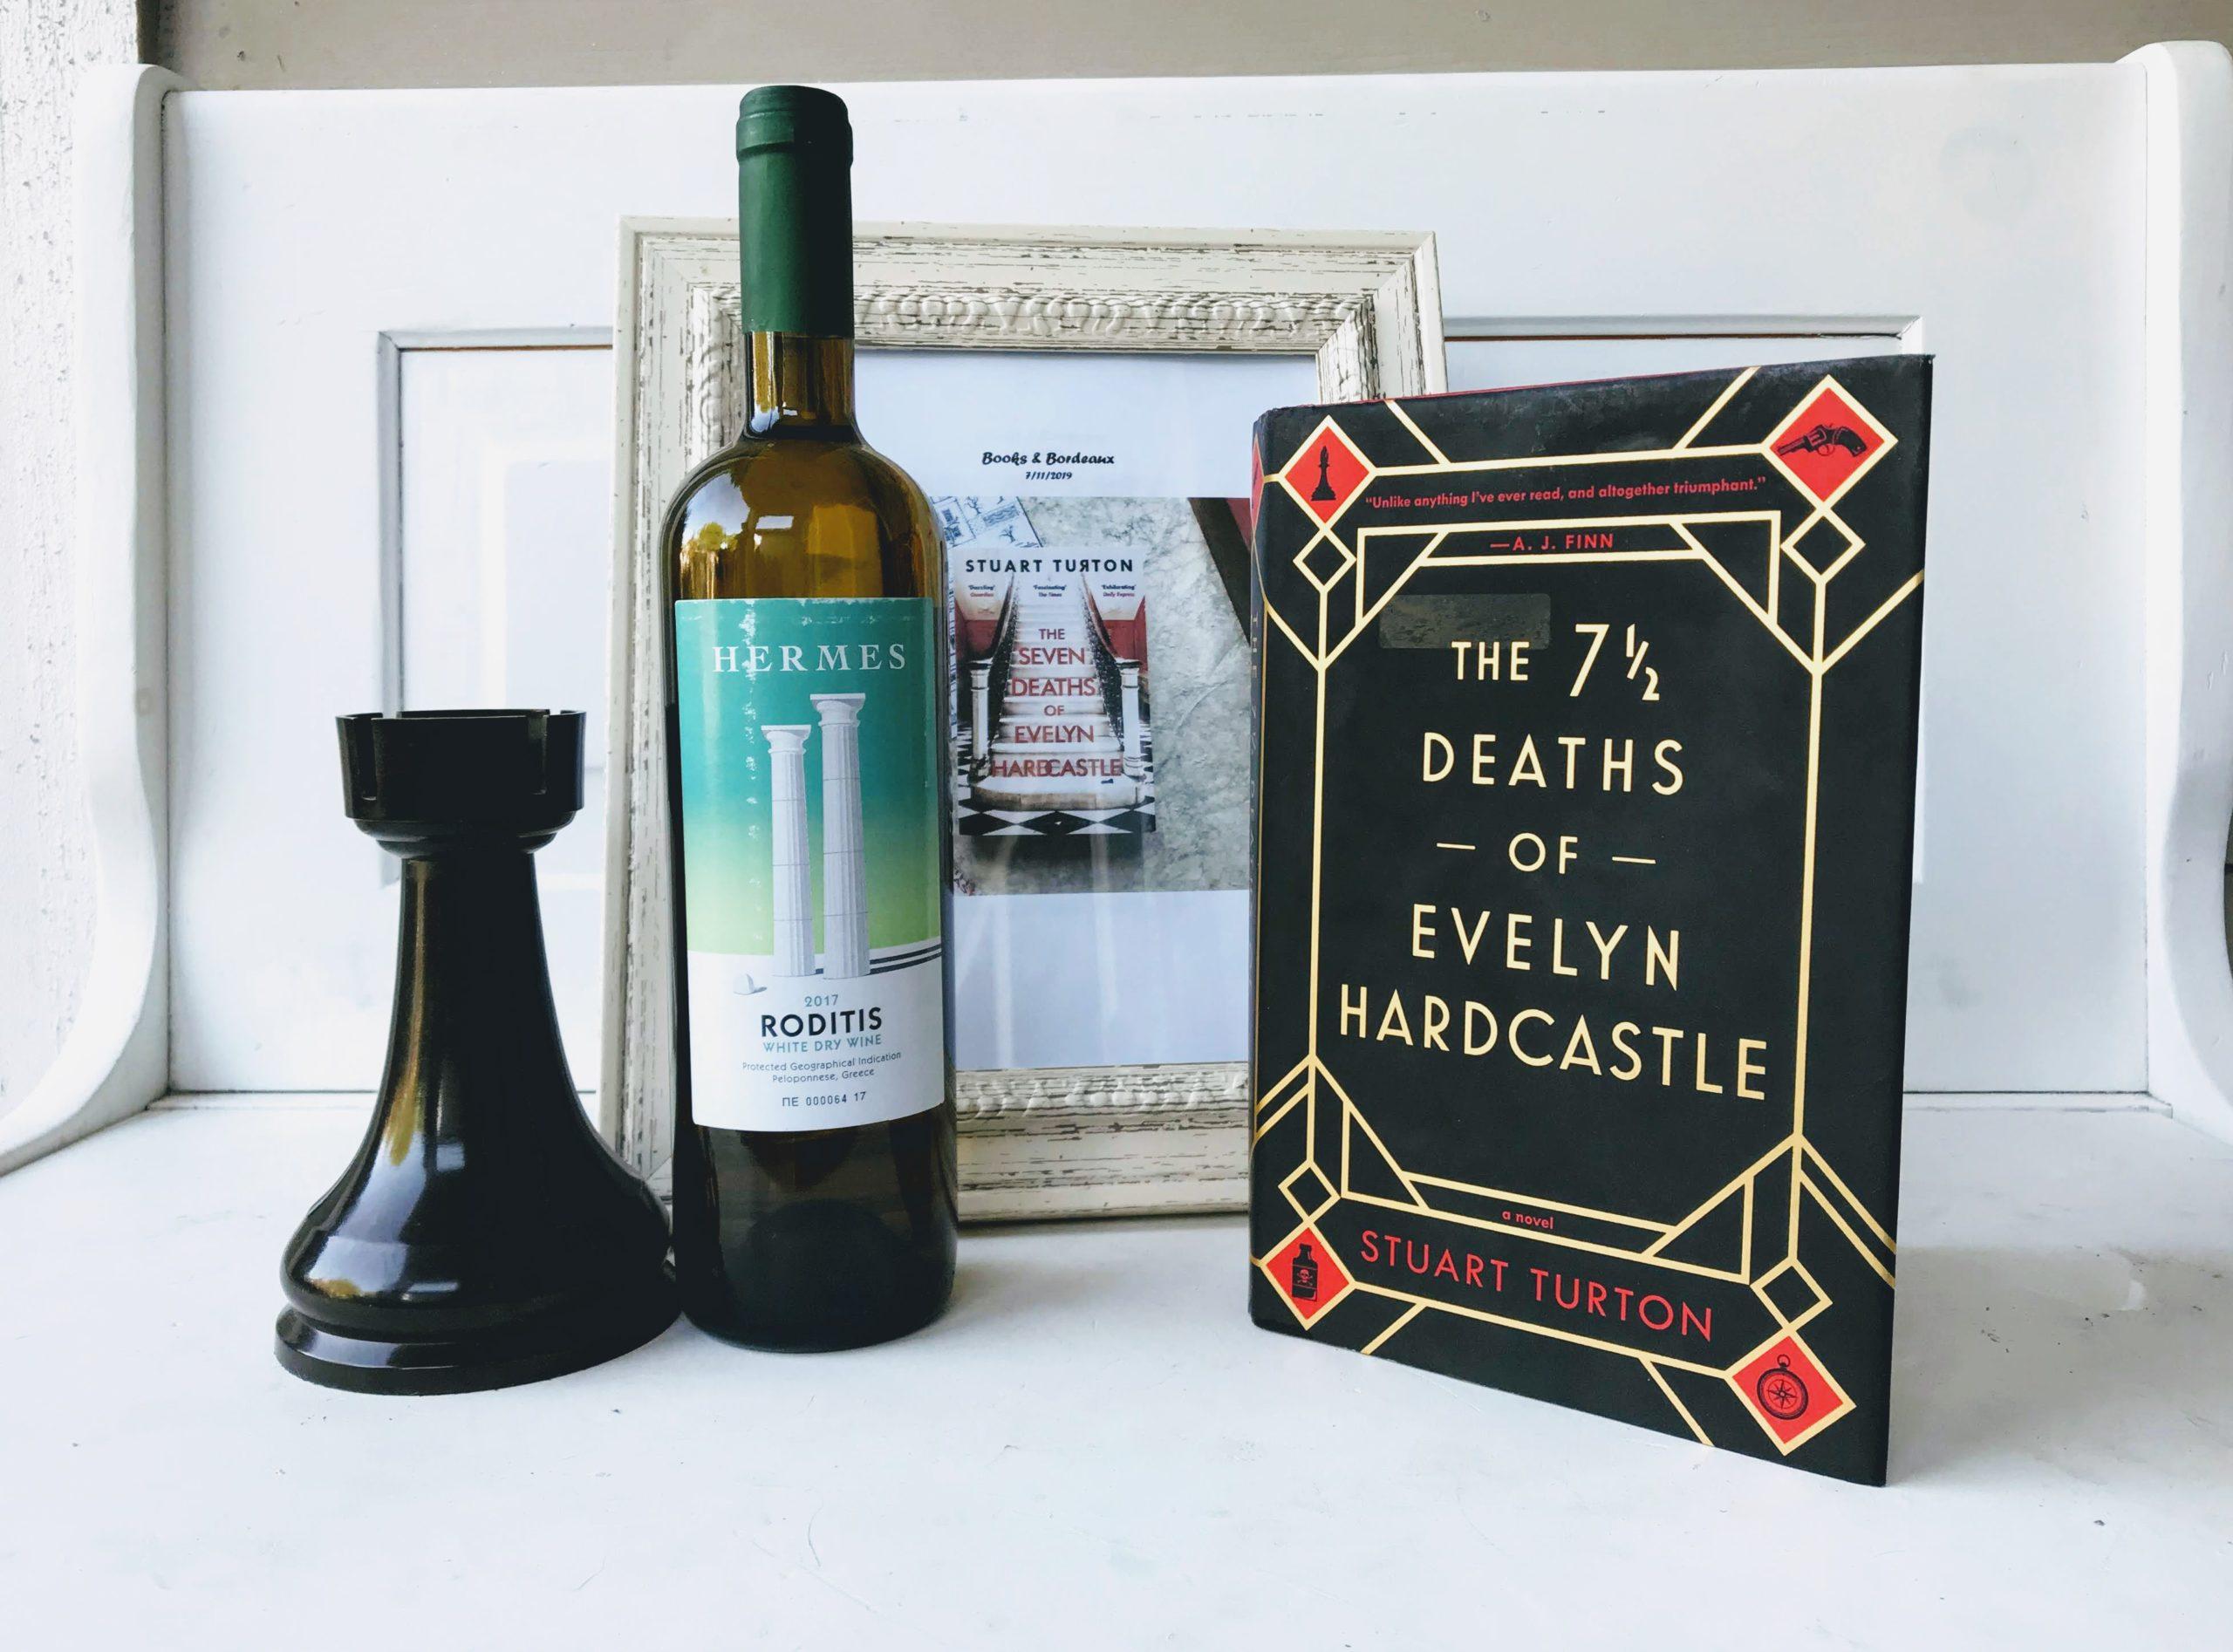 Evelyn Hardcastle Stuart Turton Books Bordeaux